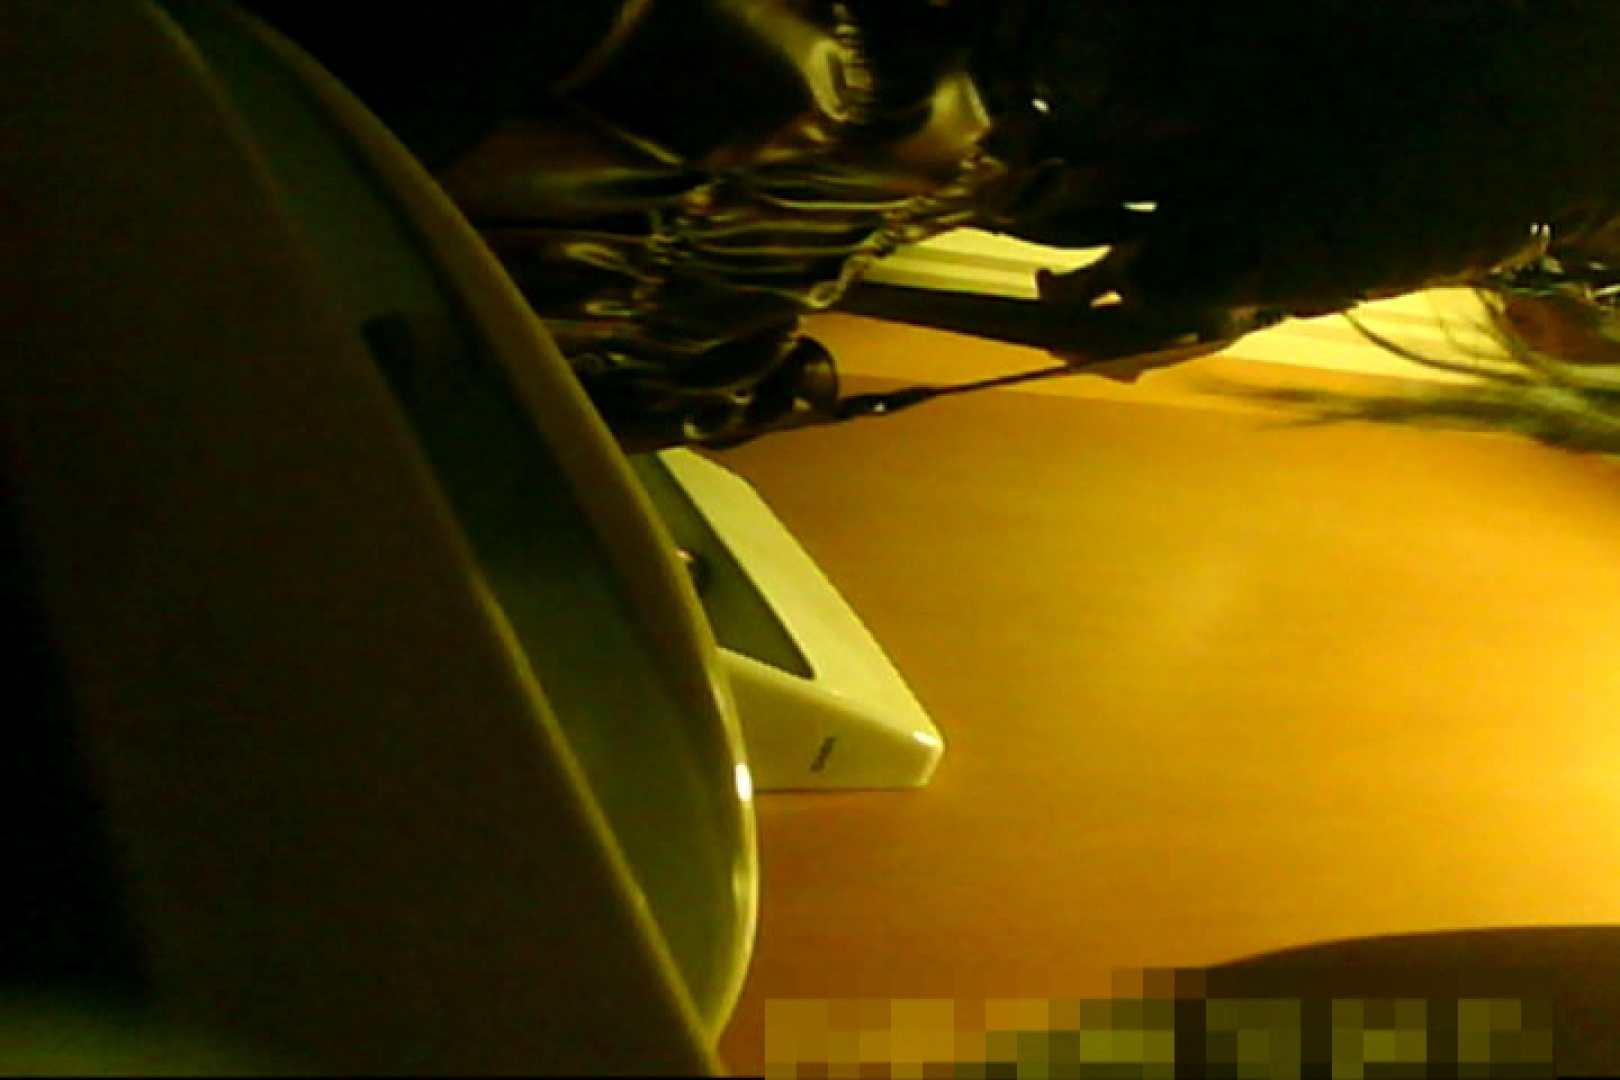 魅惑の化粧室~禁断のプライベート空間~12 プライベート映像 AV動画キャプチャ 97pic 47